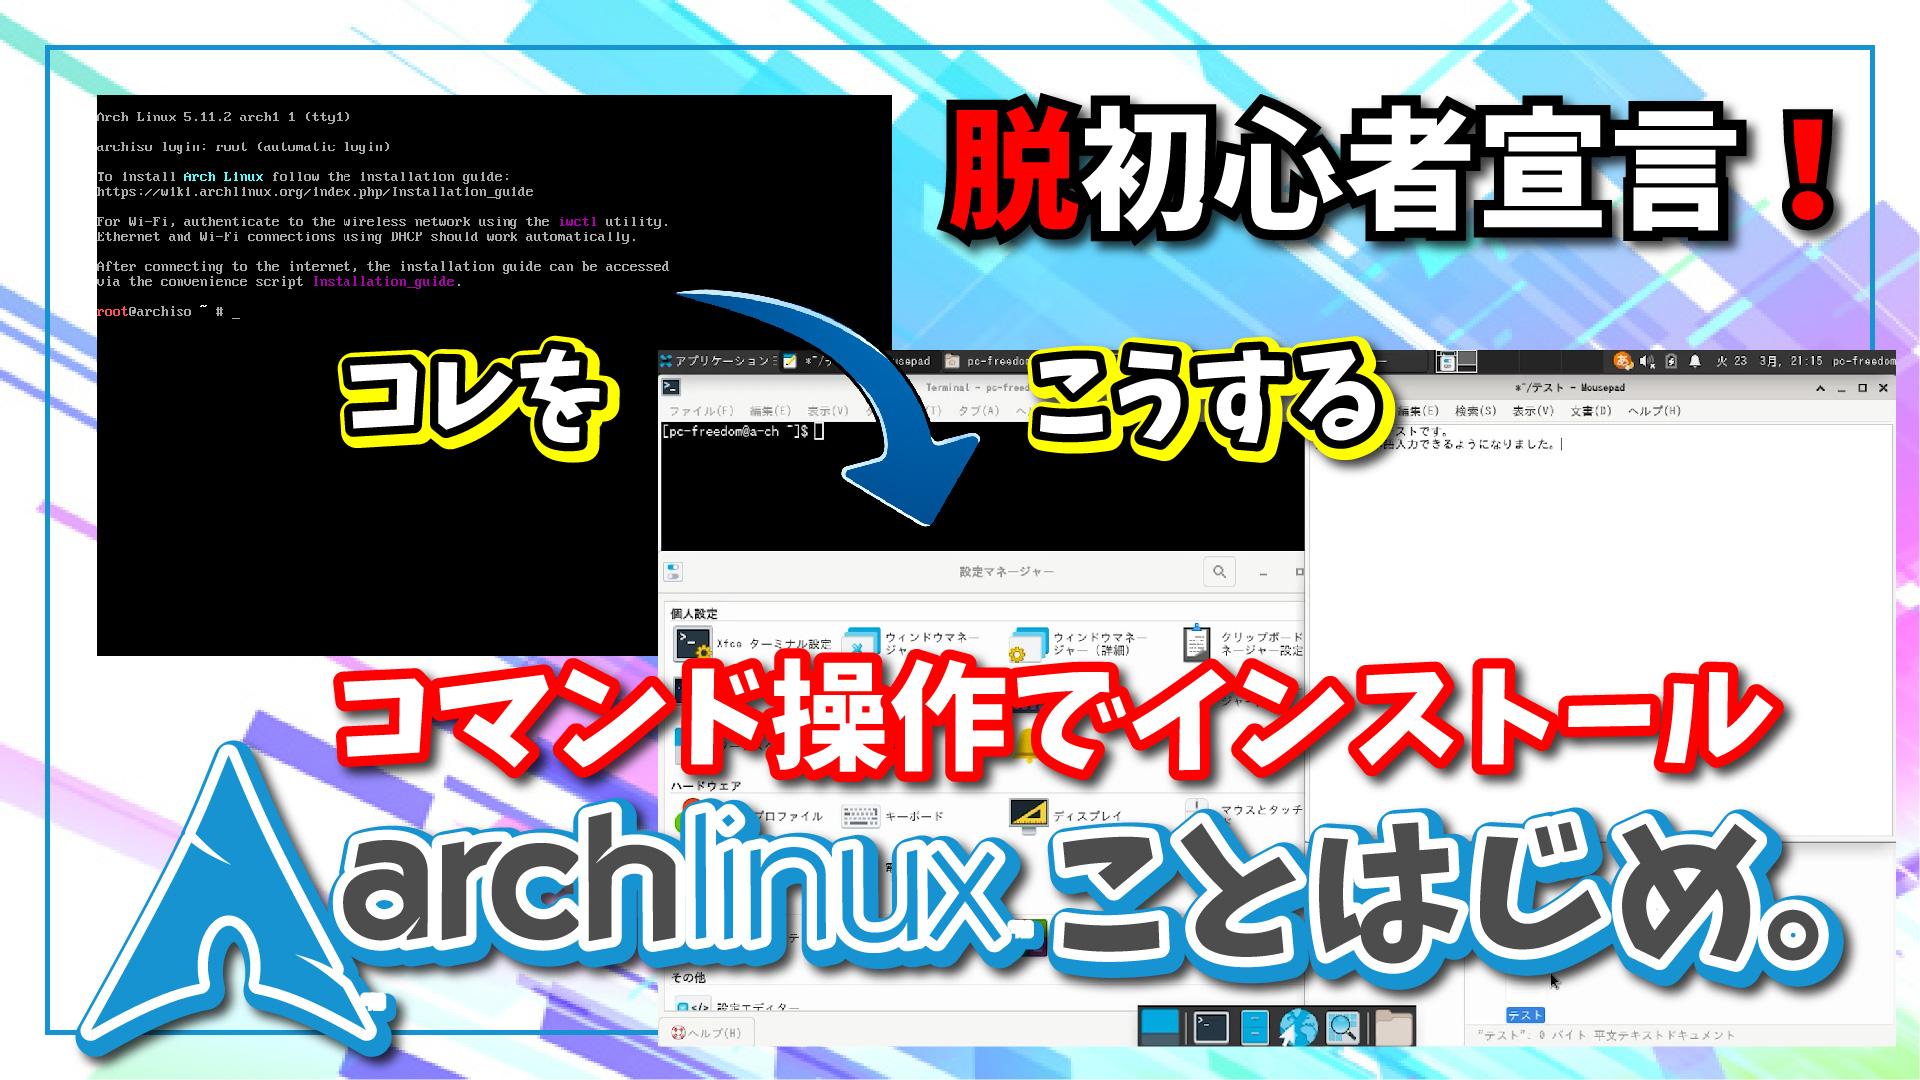 【脱初心者宣言!】Arch Linux を BIOS モードの VirtualBox にインストールしてみた。Arch Linux ことはじめ。